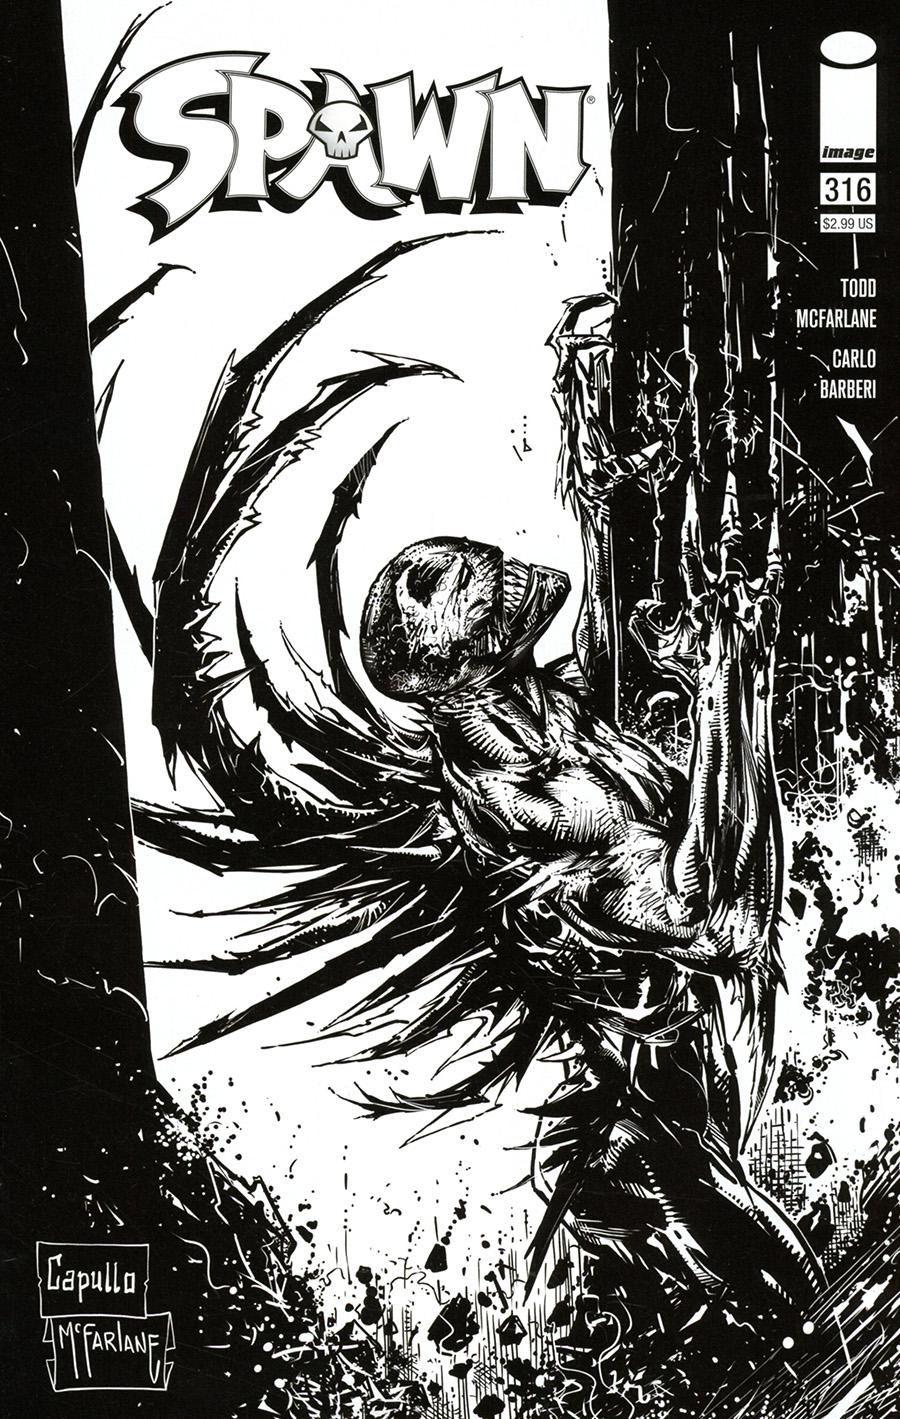 Spawn #316 Cover D Incentive Greg Capullo & Todd McFarlane Black & White Cover